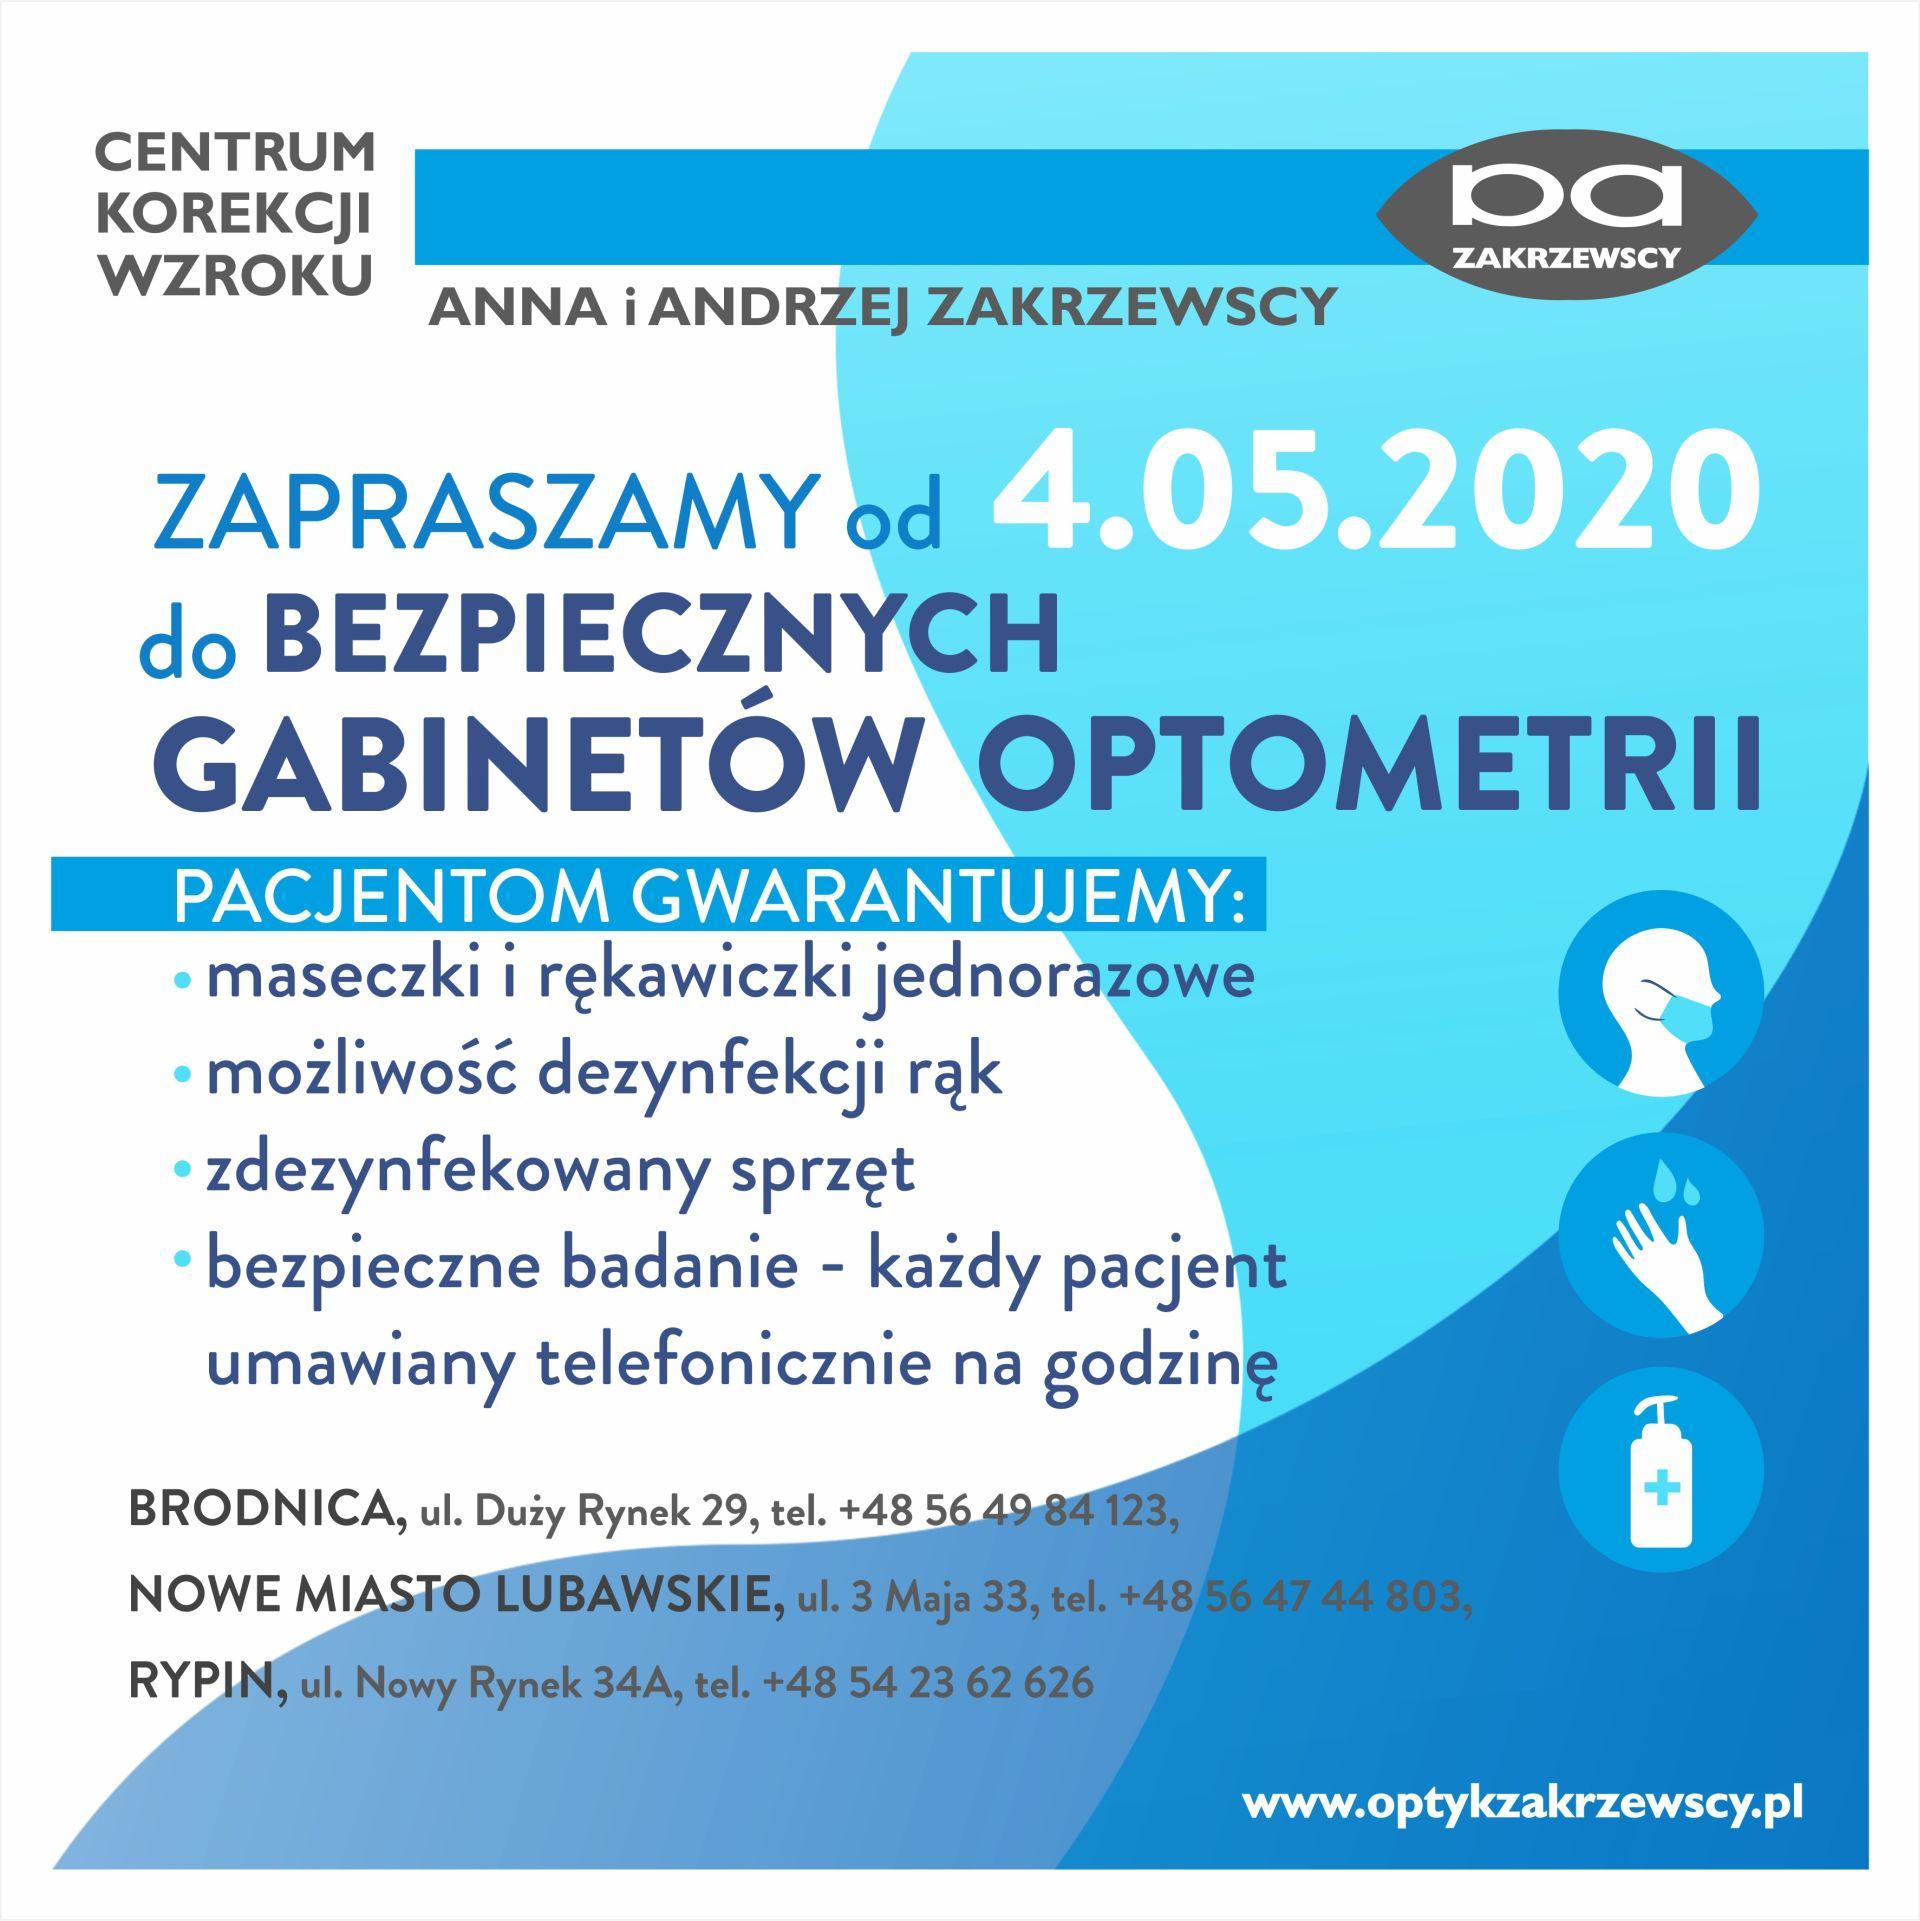 Informacja dot. bezpiecznych gabinetów